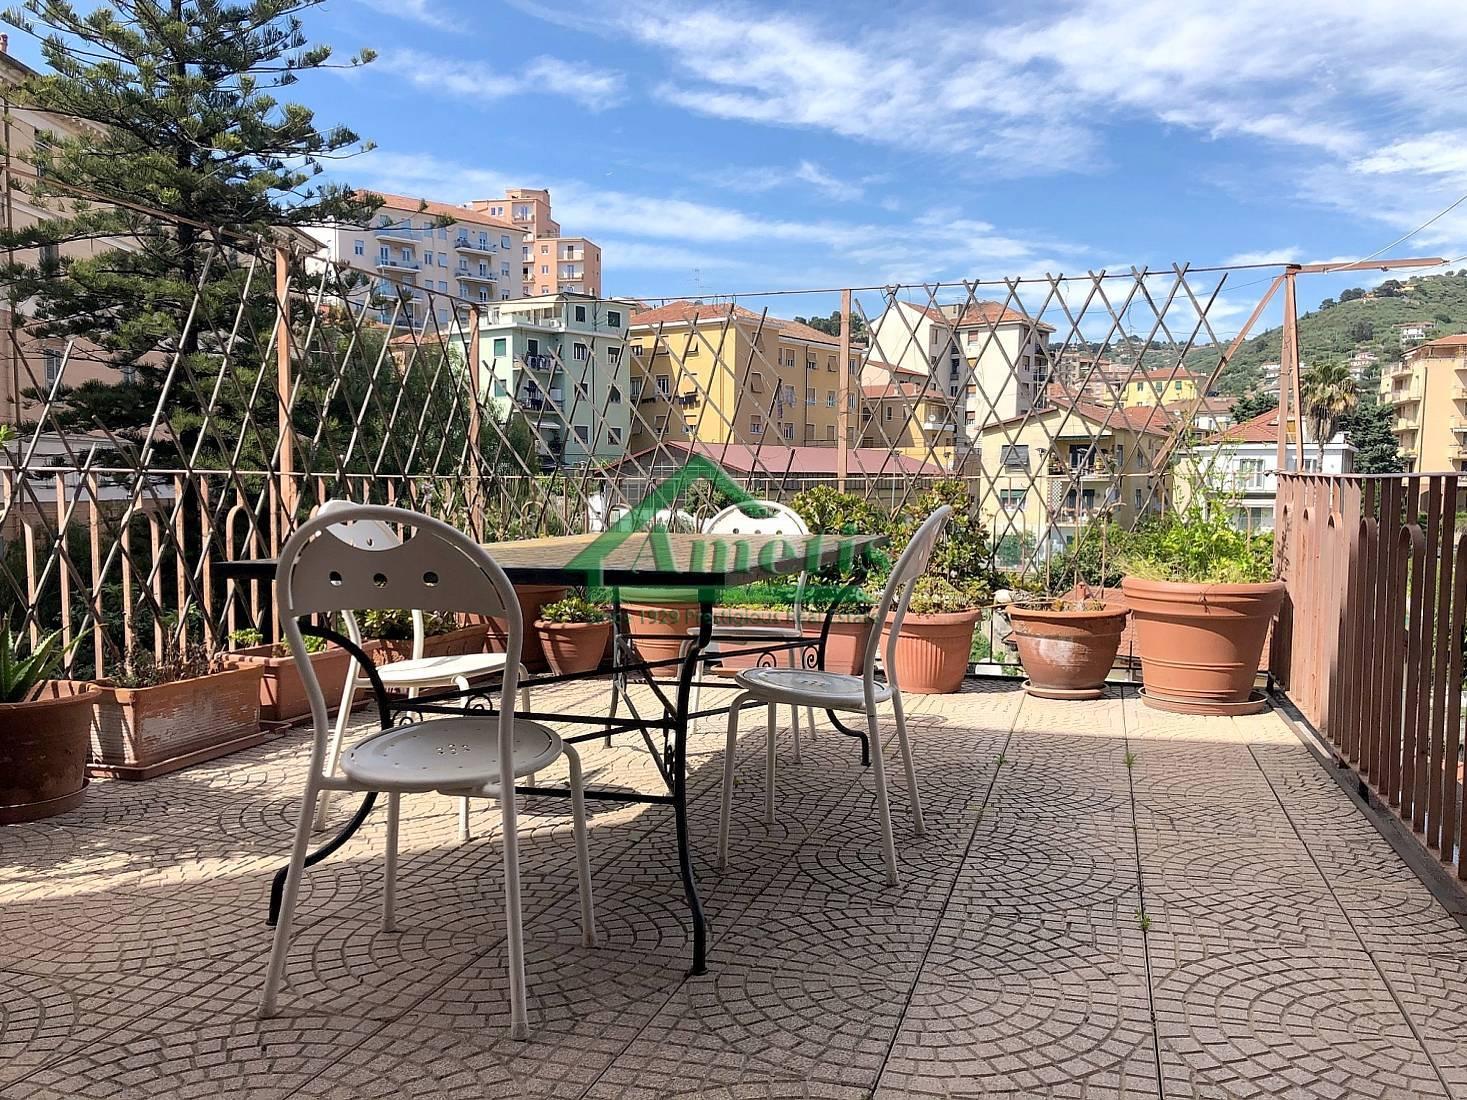 Appartamento in vendita a Imperia, 5 locali, zona Località: Onegliacentro, prezzo € 330.000 | CambioCasa.it